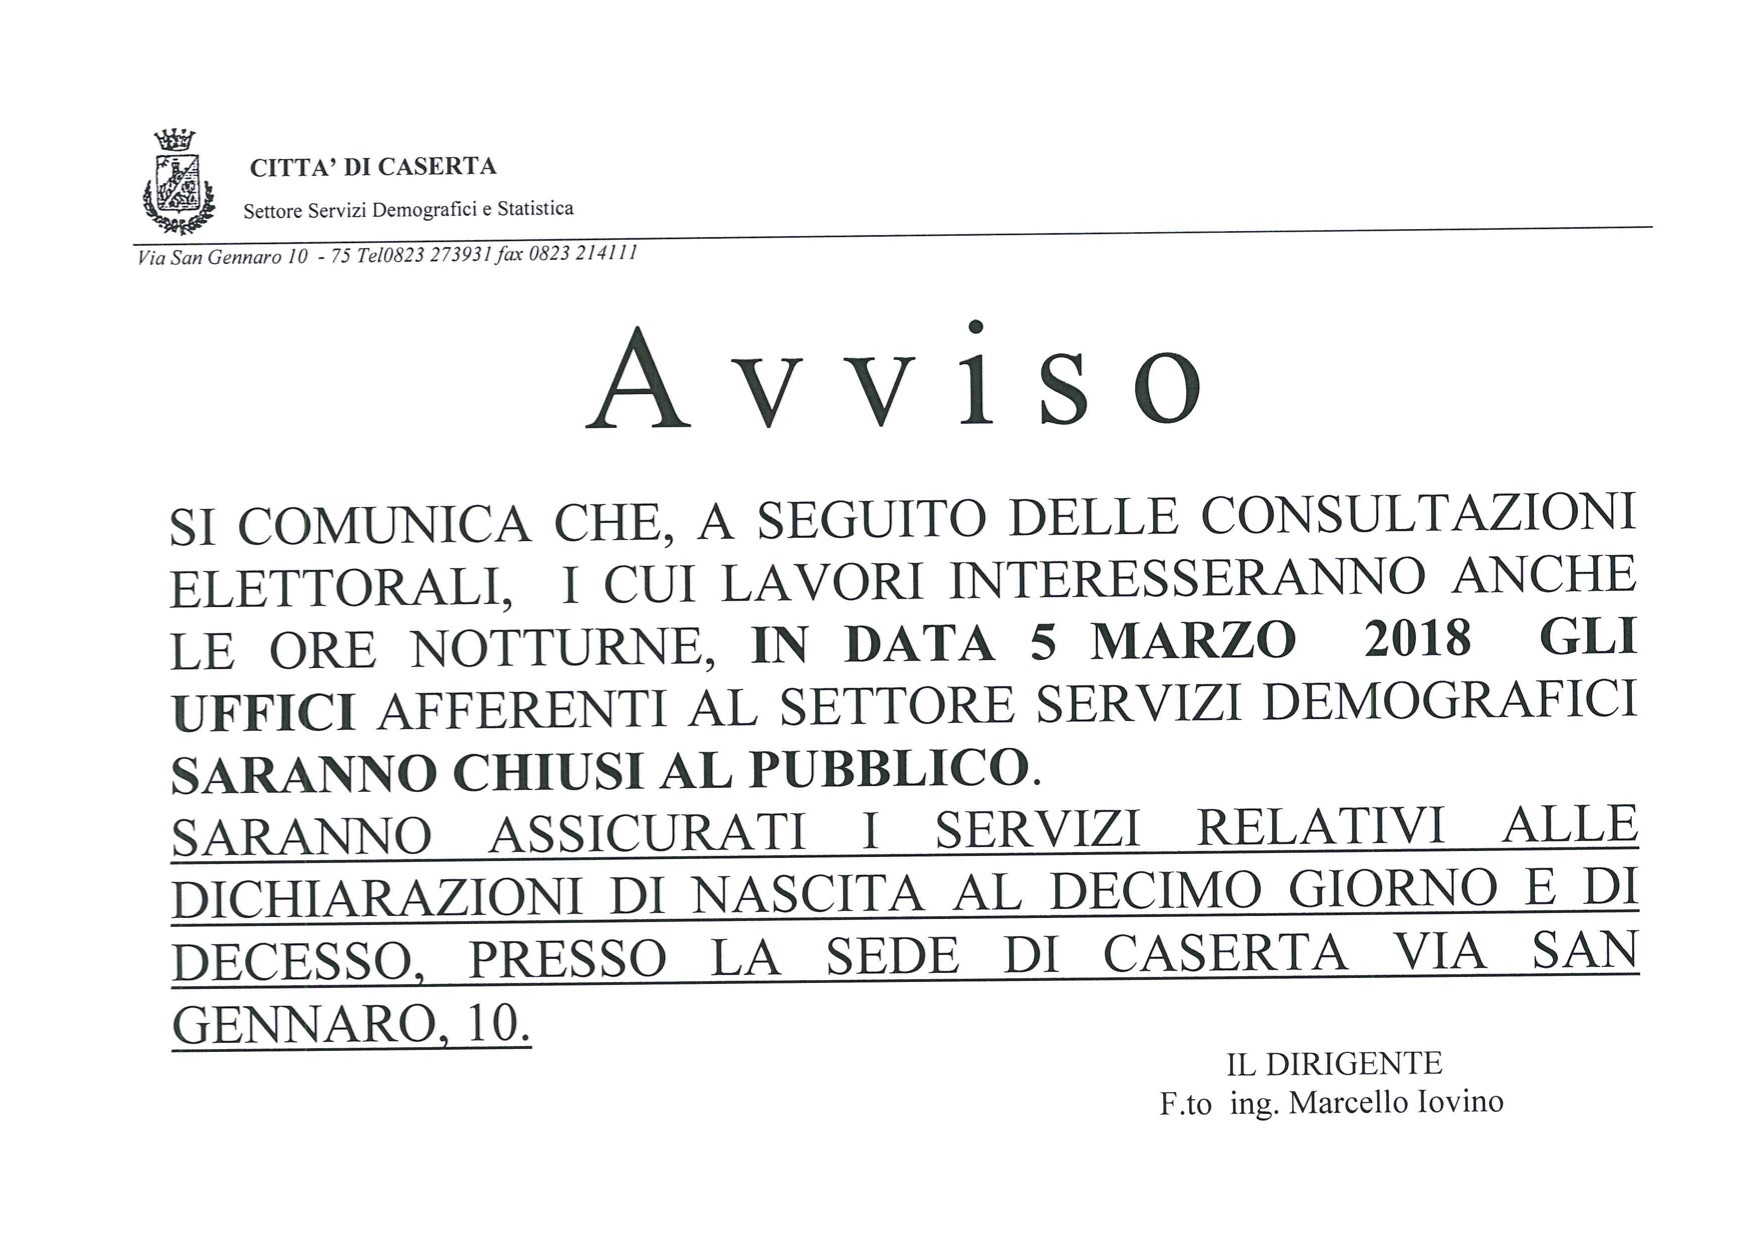 AVVISO 5 MARZO CHIUSURA